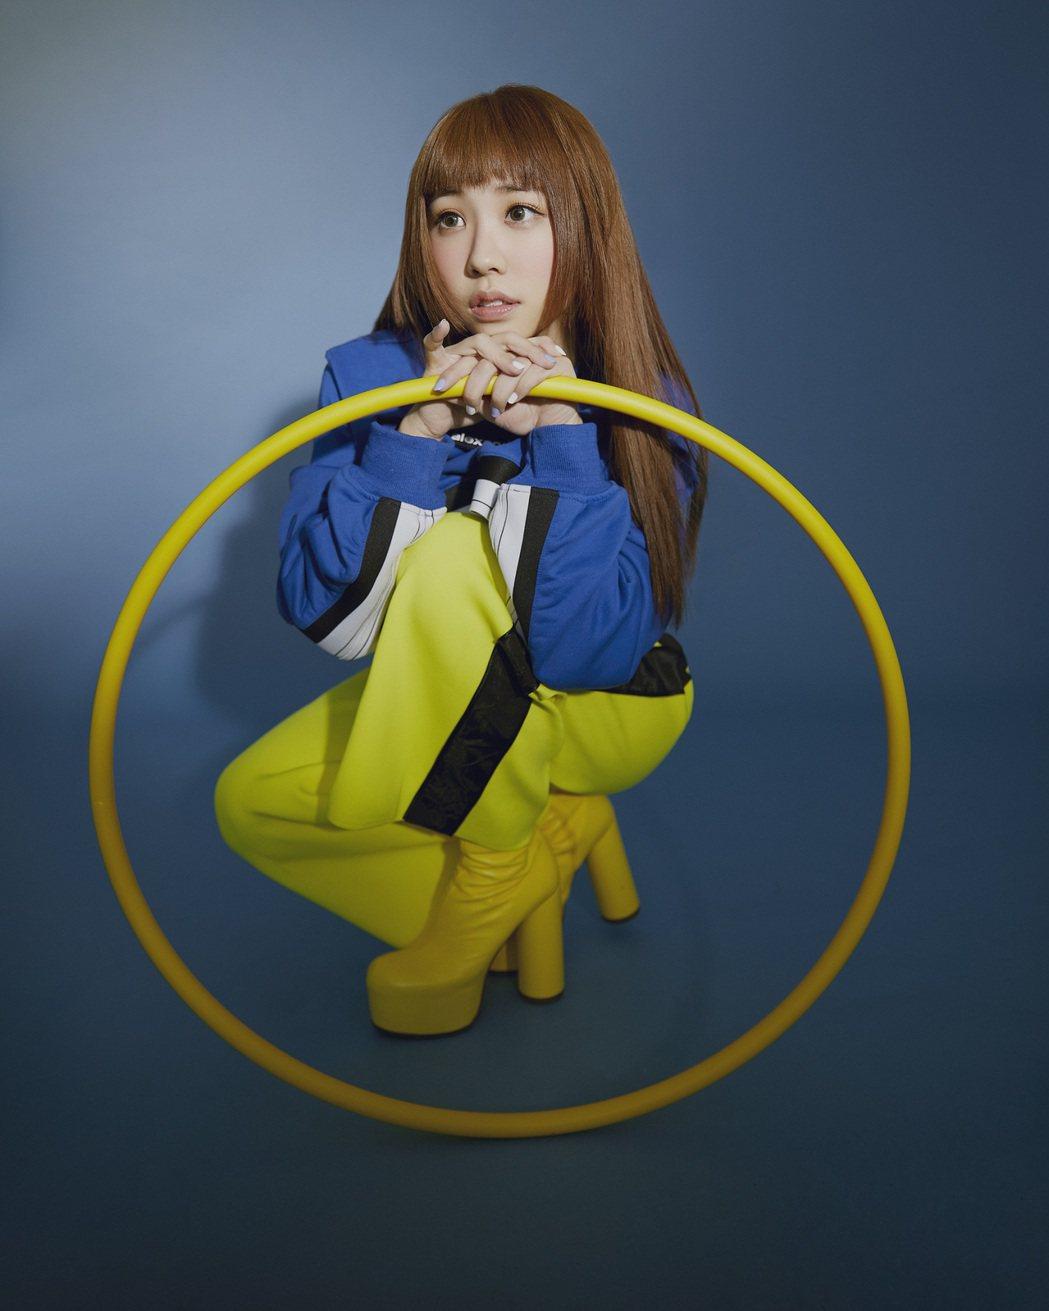 艾薇花費1年時間打造首張個人專輯「I」。圖/環球音樂提供